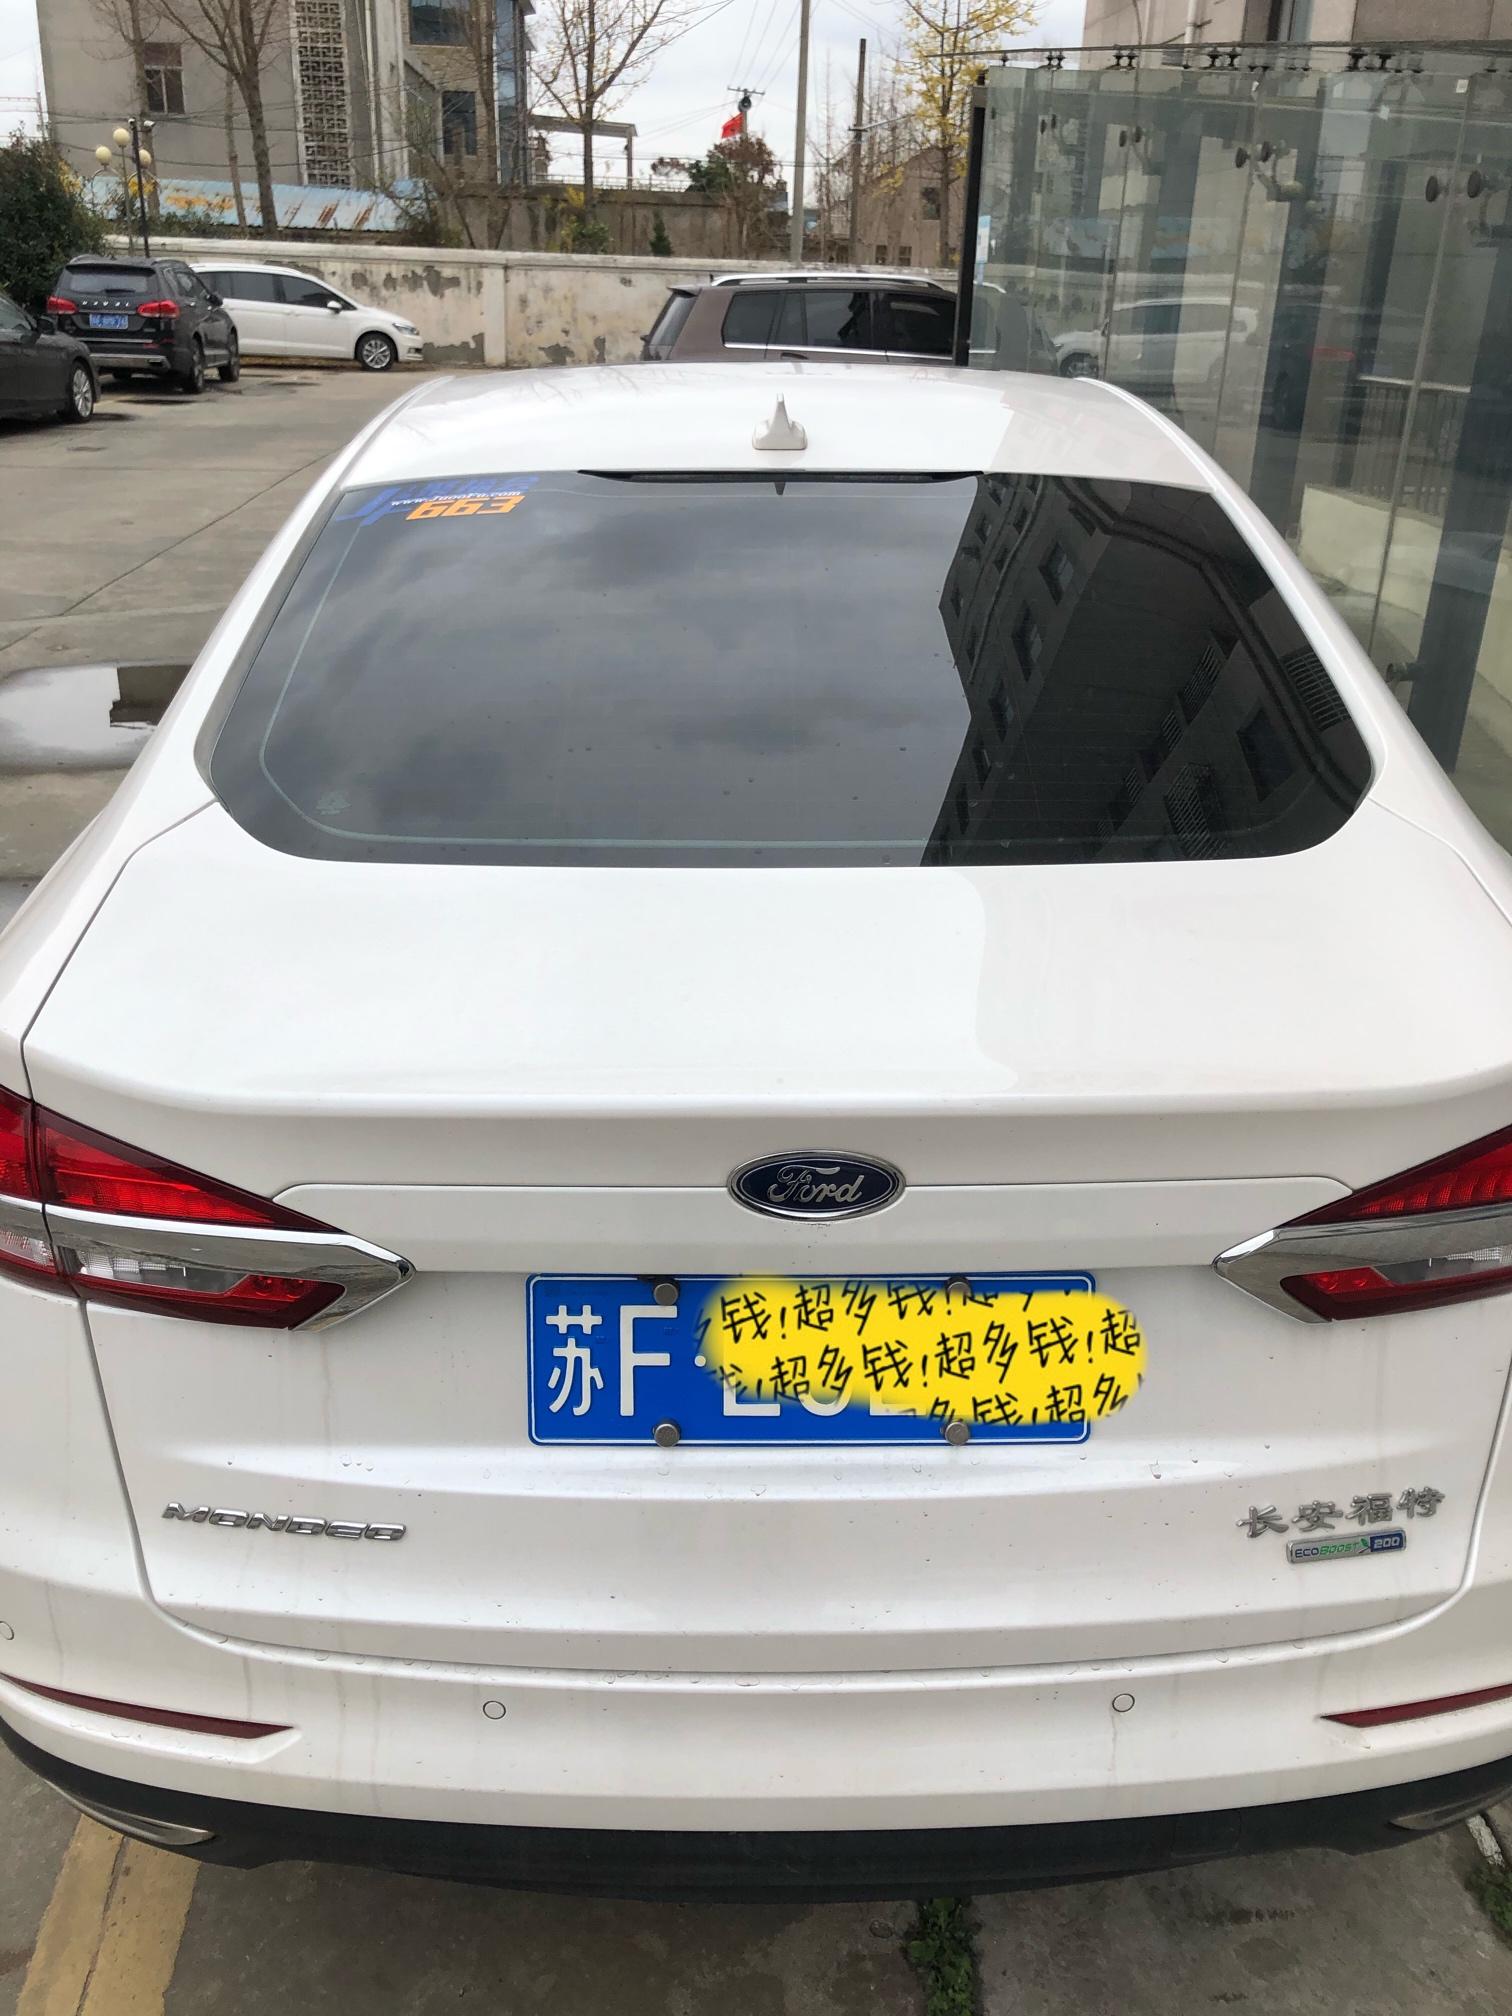 福特车友会车标申请规则9799 作者:麦兜卖小火柴 帖子ID:45